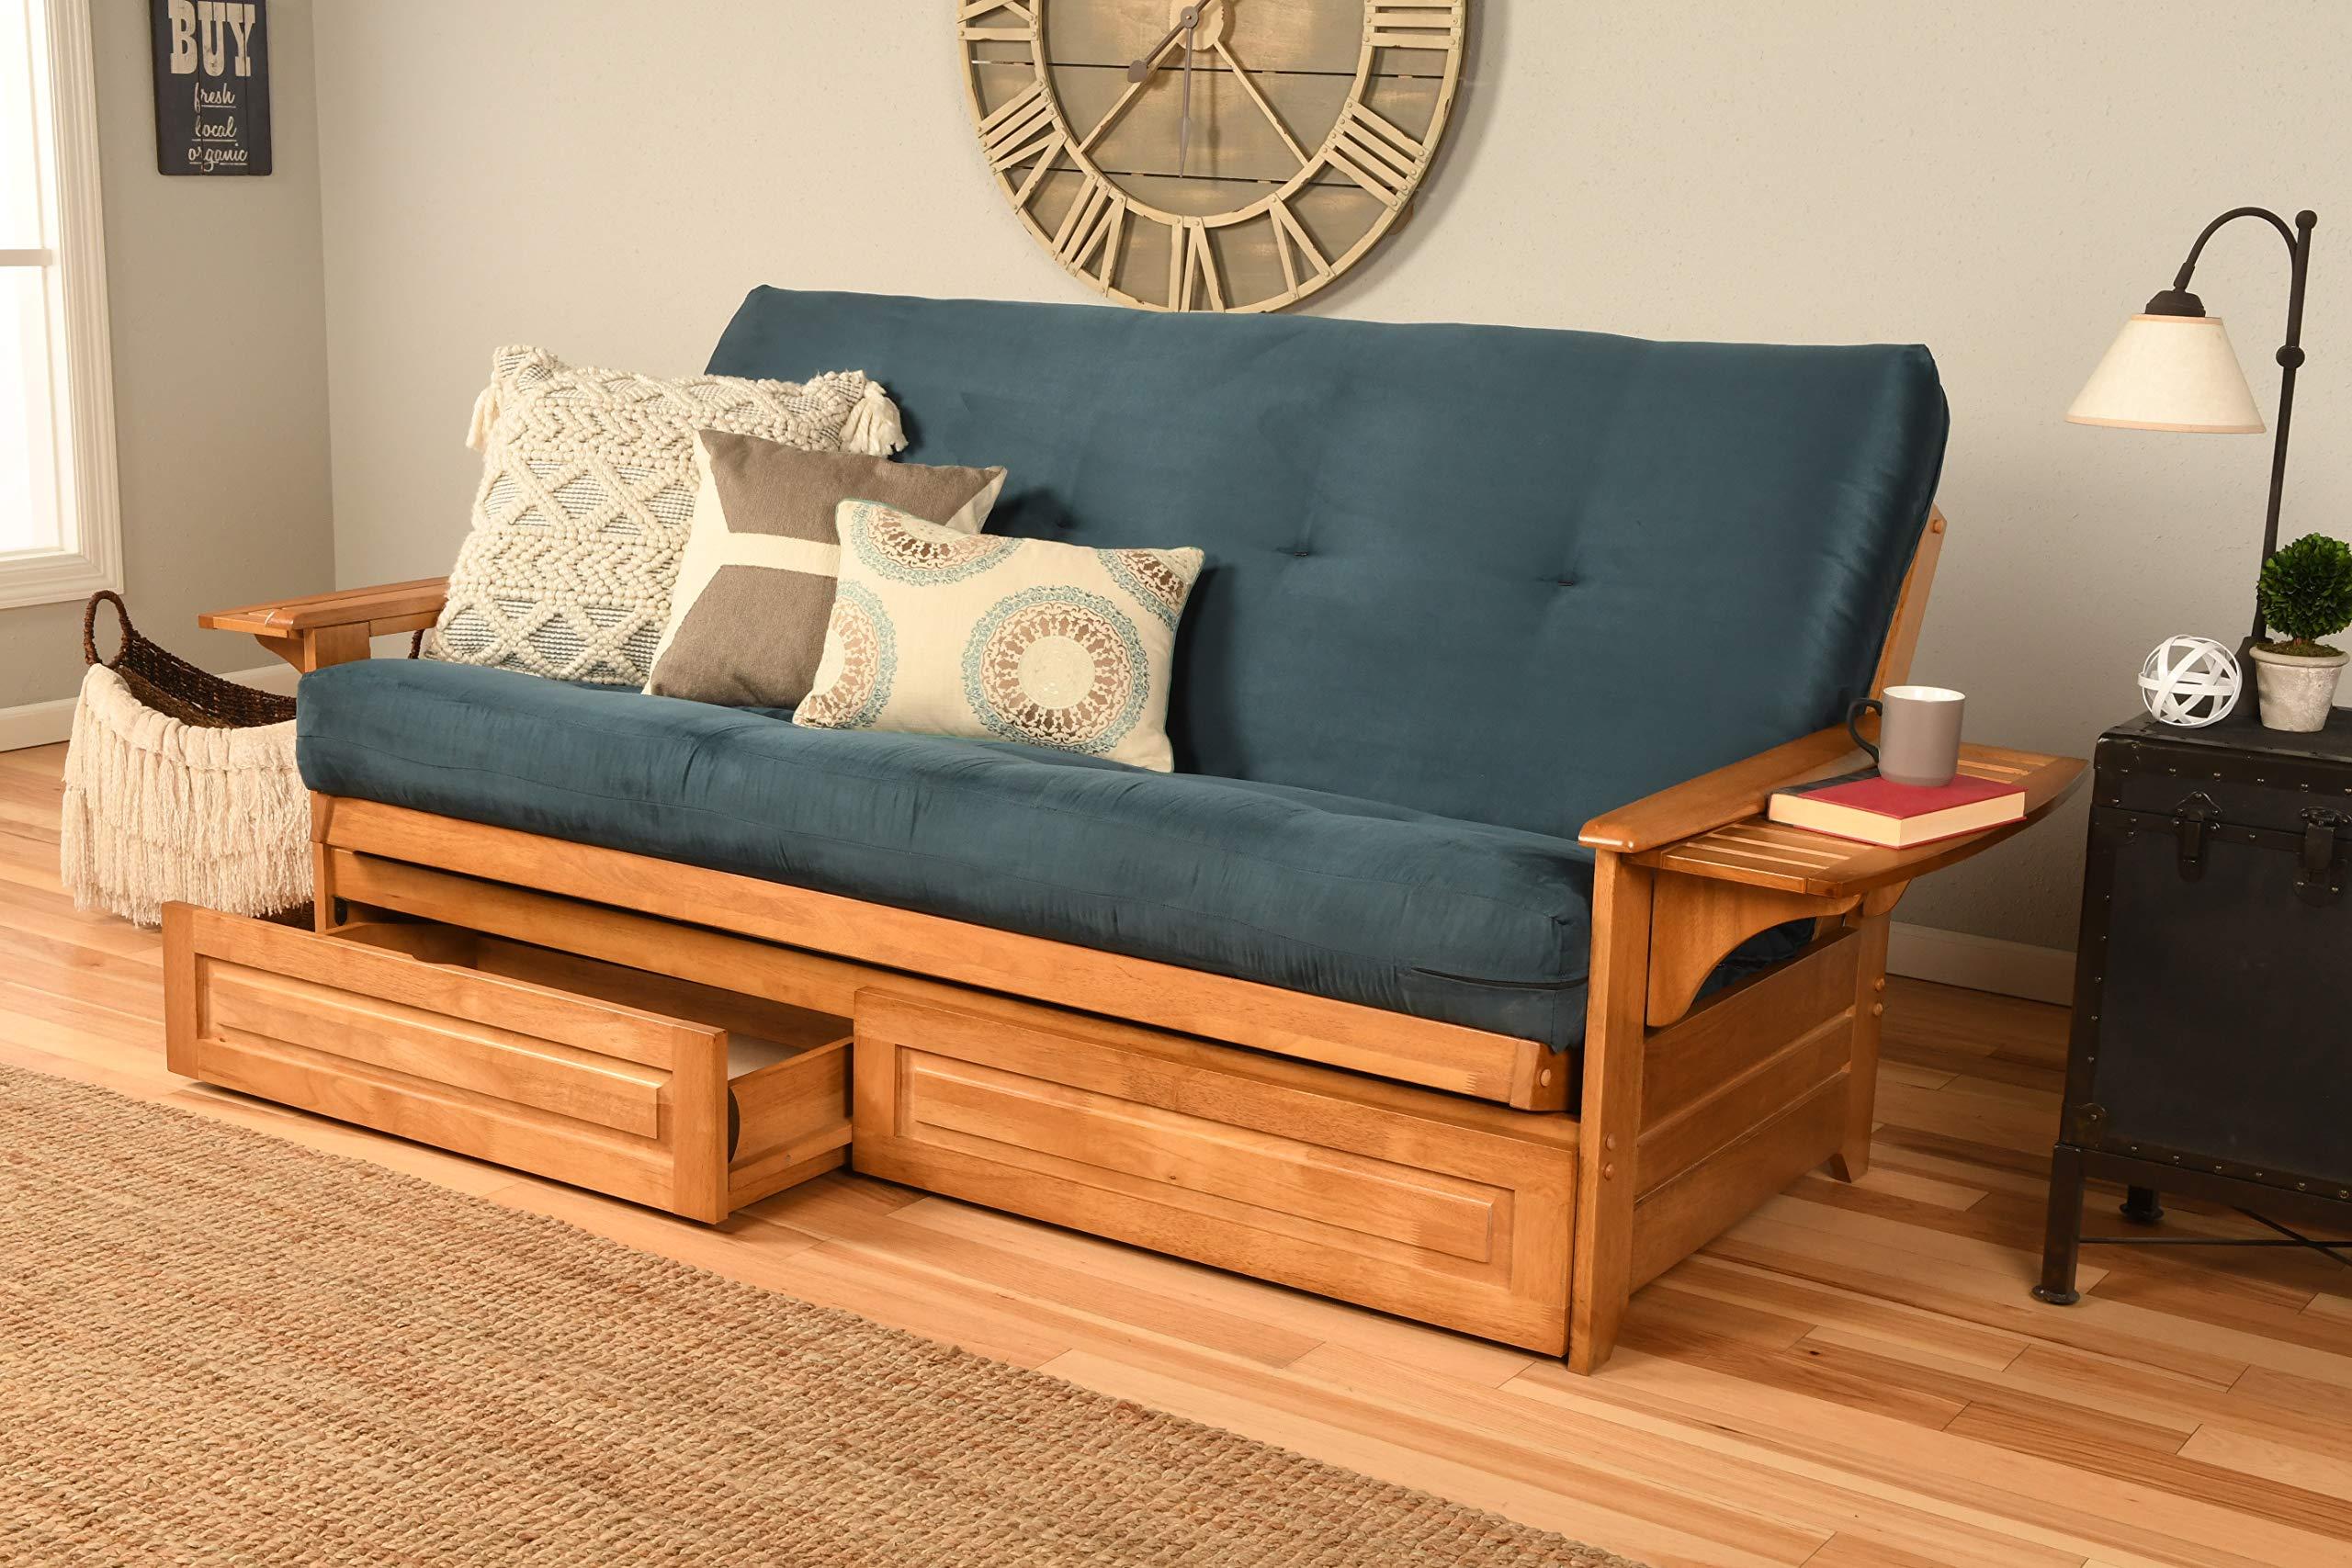 Kodiak Furniture Phoenix Futon, Suede Navy by Kodiak Furniture